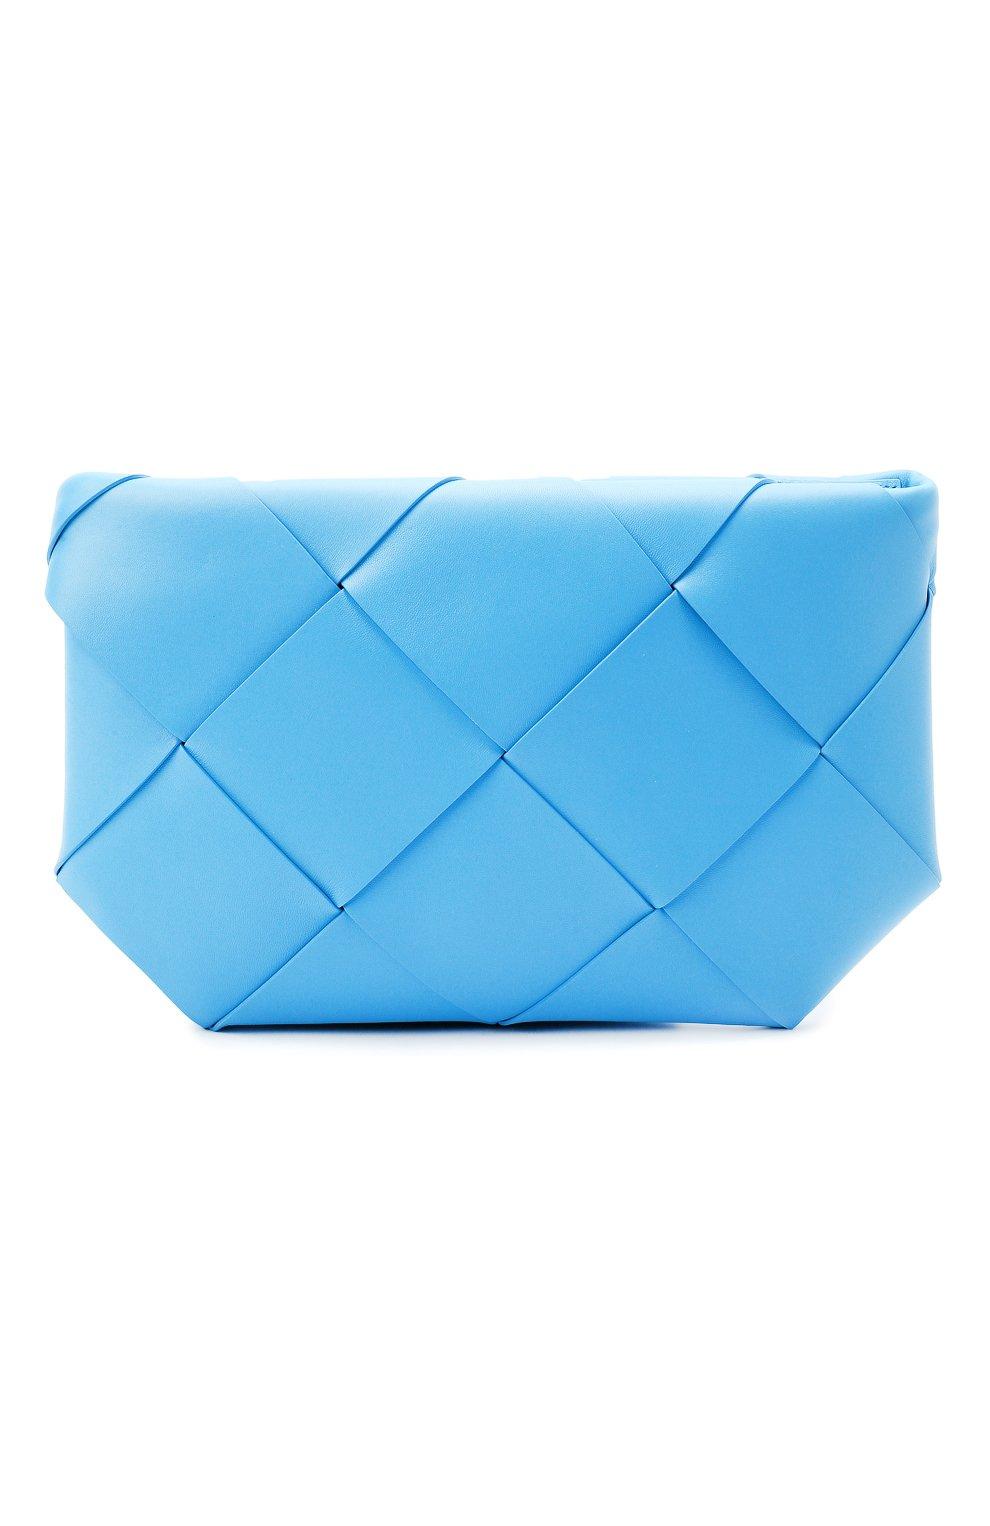 Женская кожаная косметичка BOTTEGA VENETA синего цвета, арт. 577771/VMAY4 | Фото 1 (Материал: Кожа)